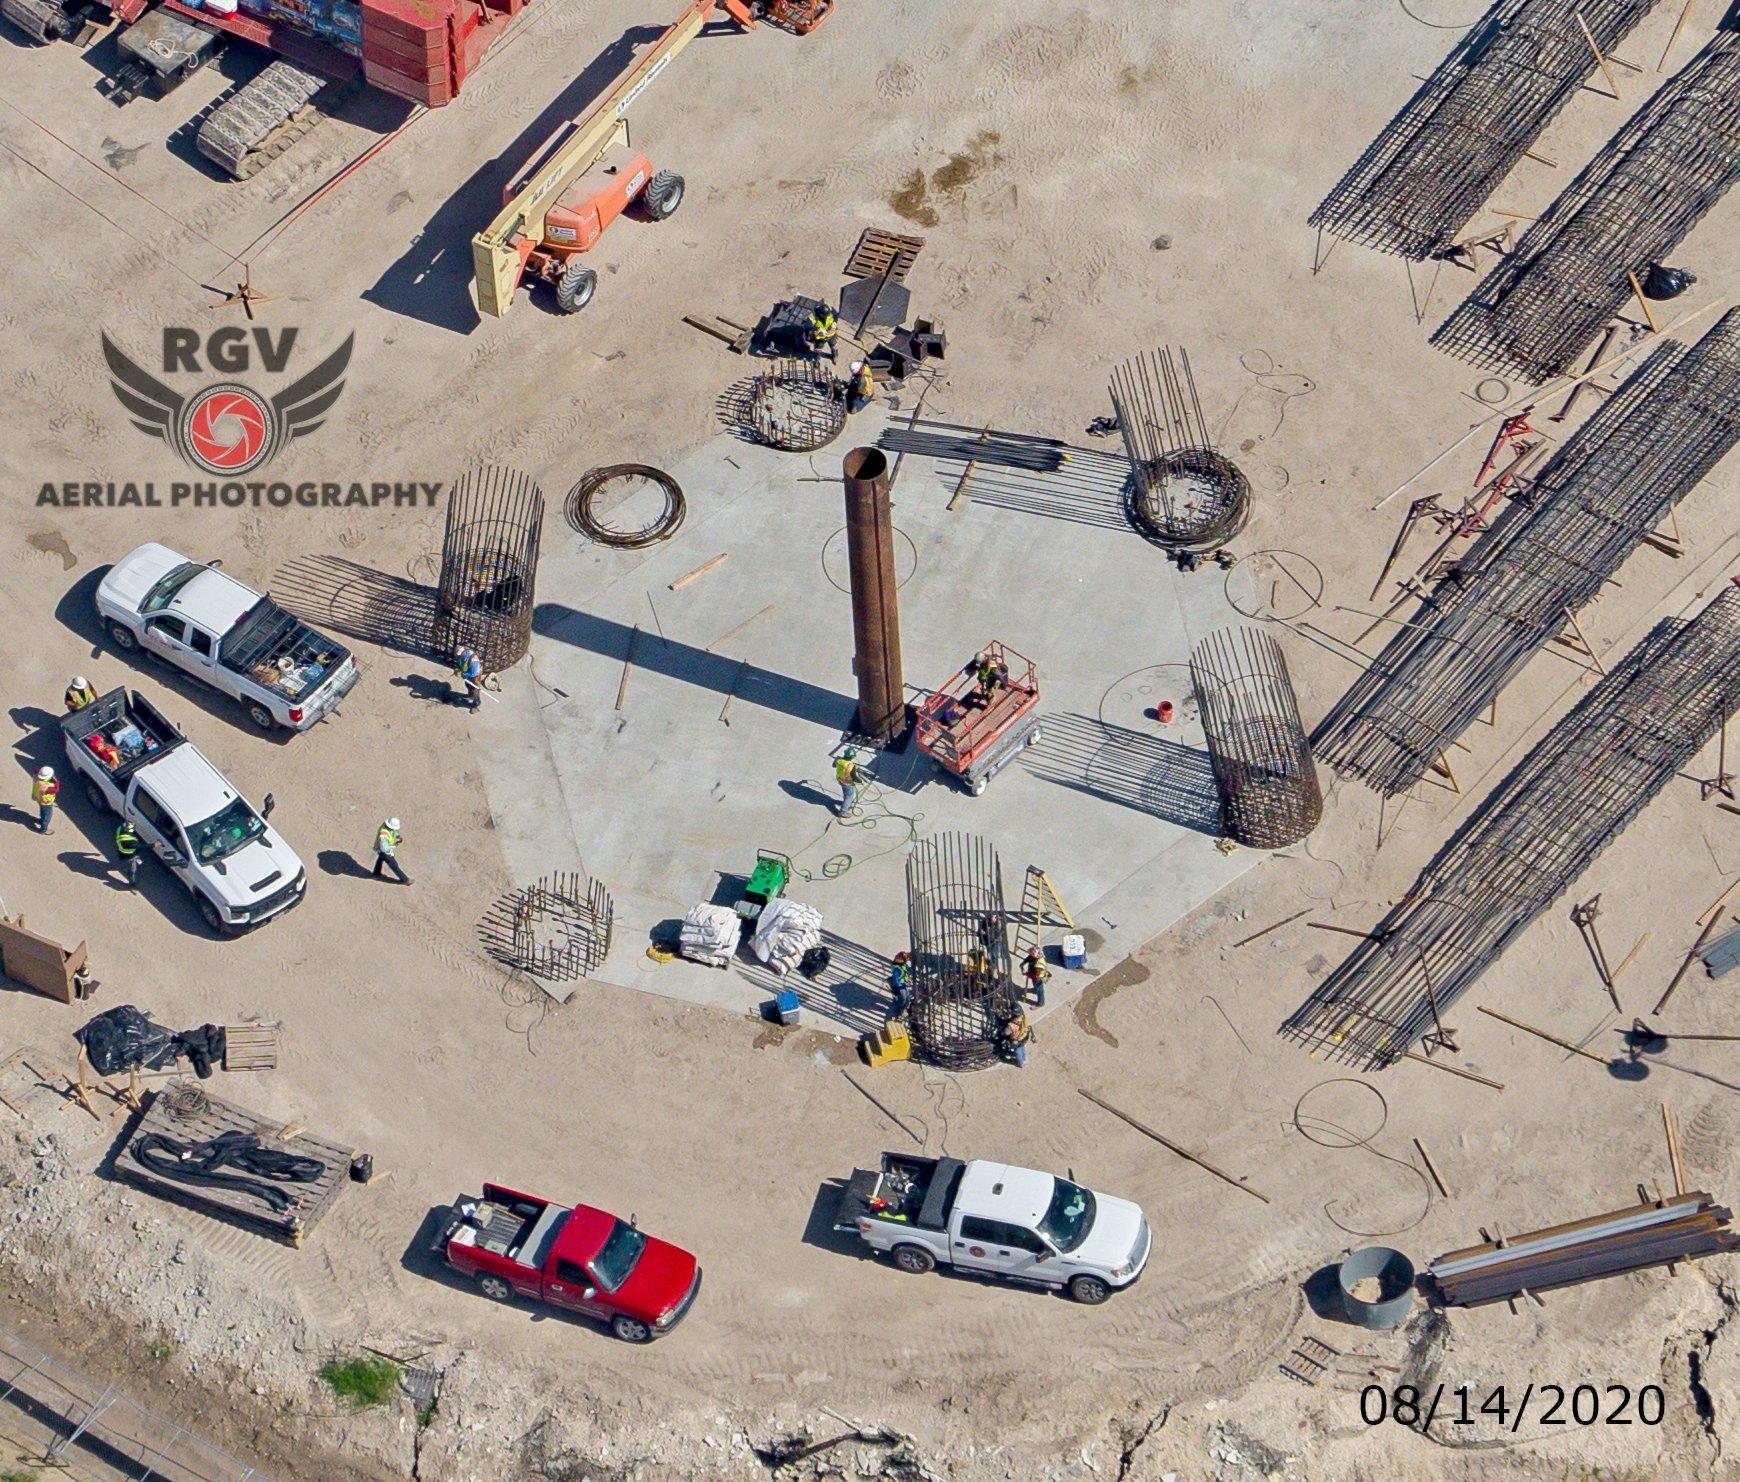 Site de lancement de Boca Chica au Texas - Page 17 EfZtRmwXsAEulHL?format=jpg&name=large